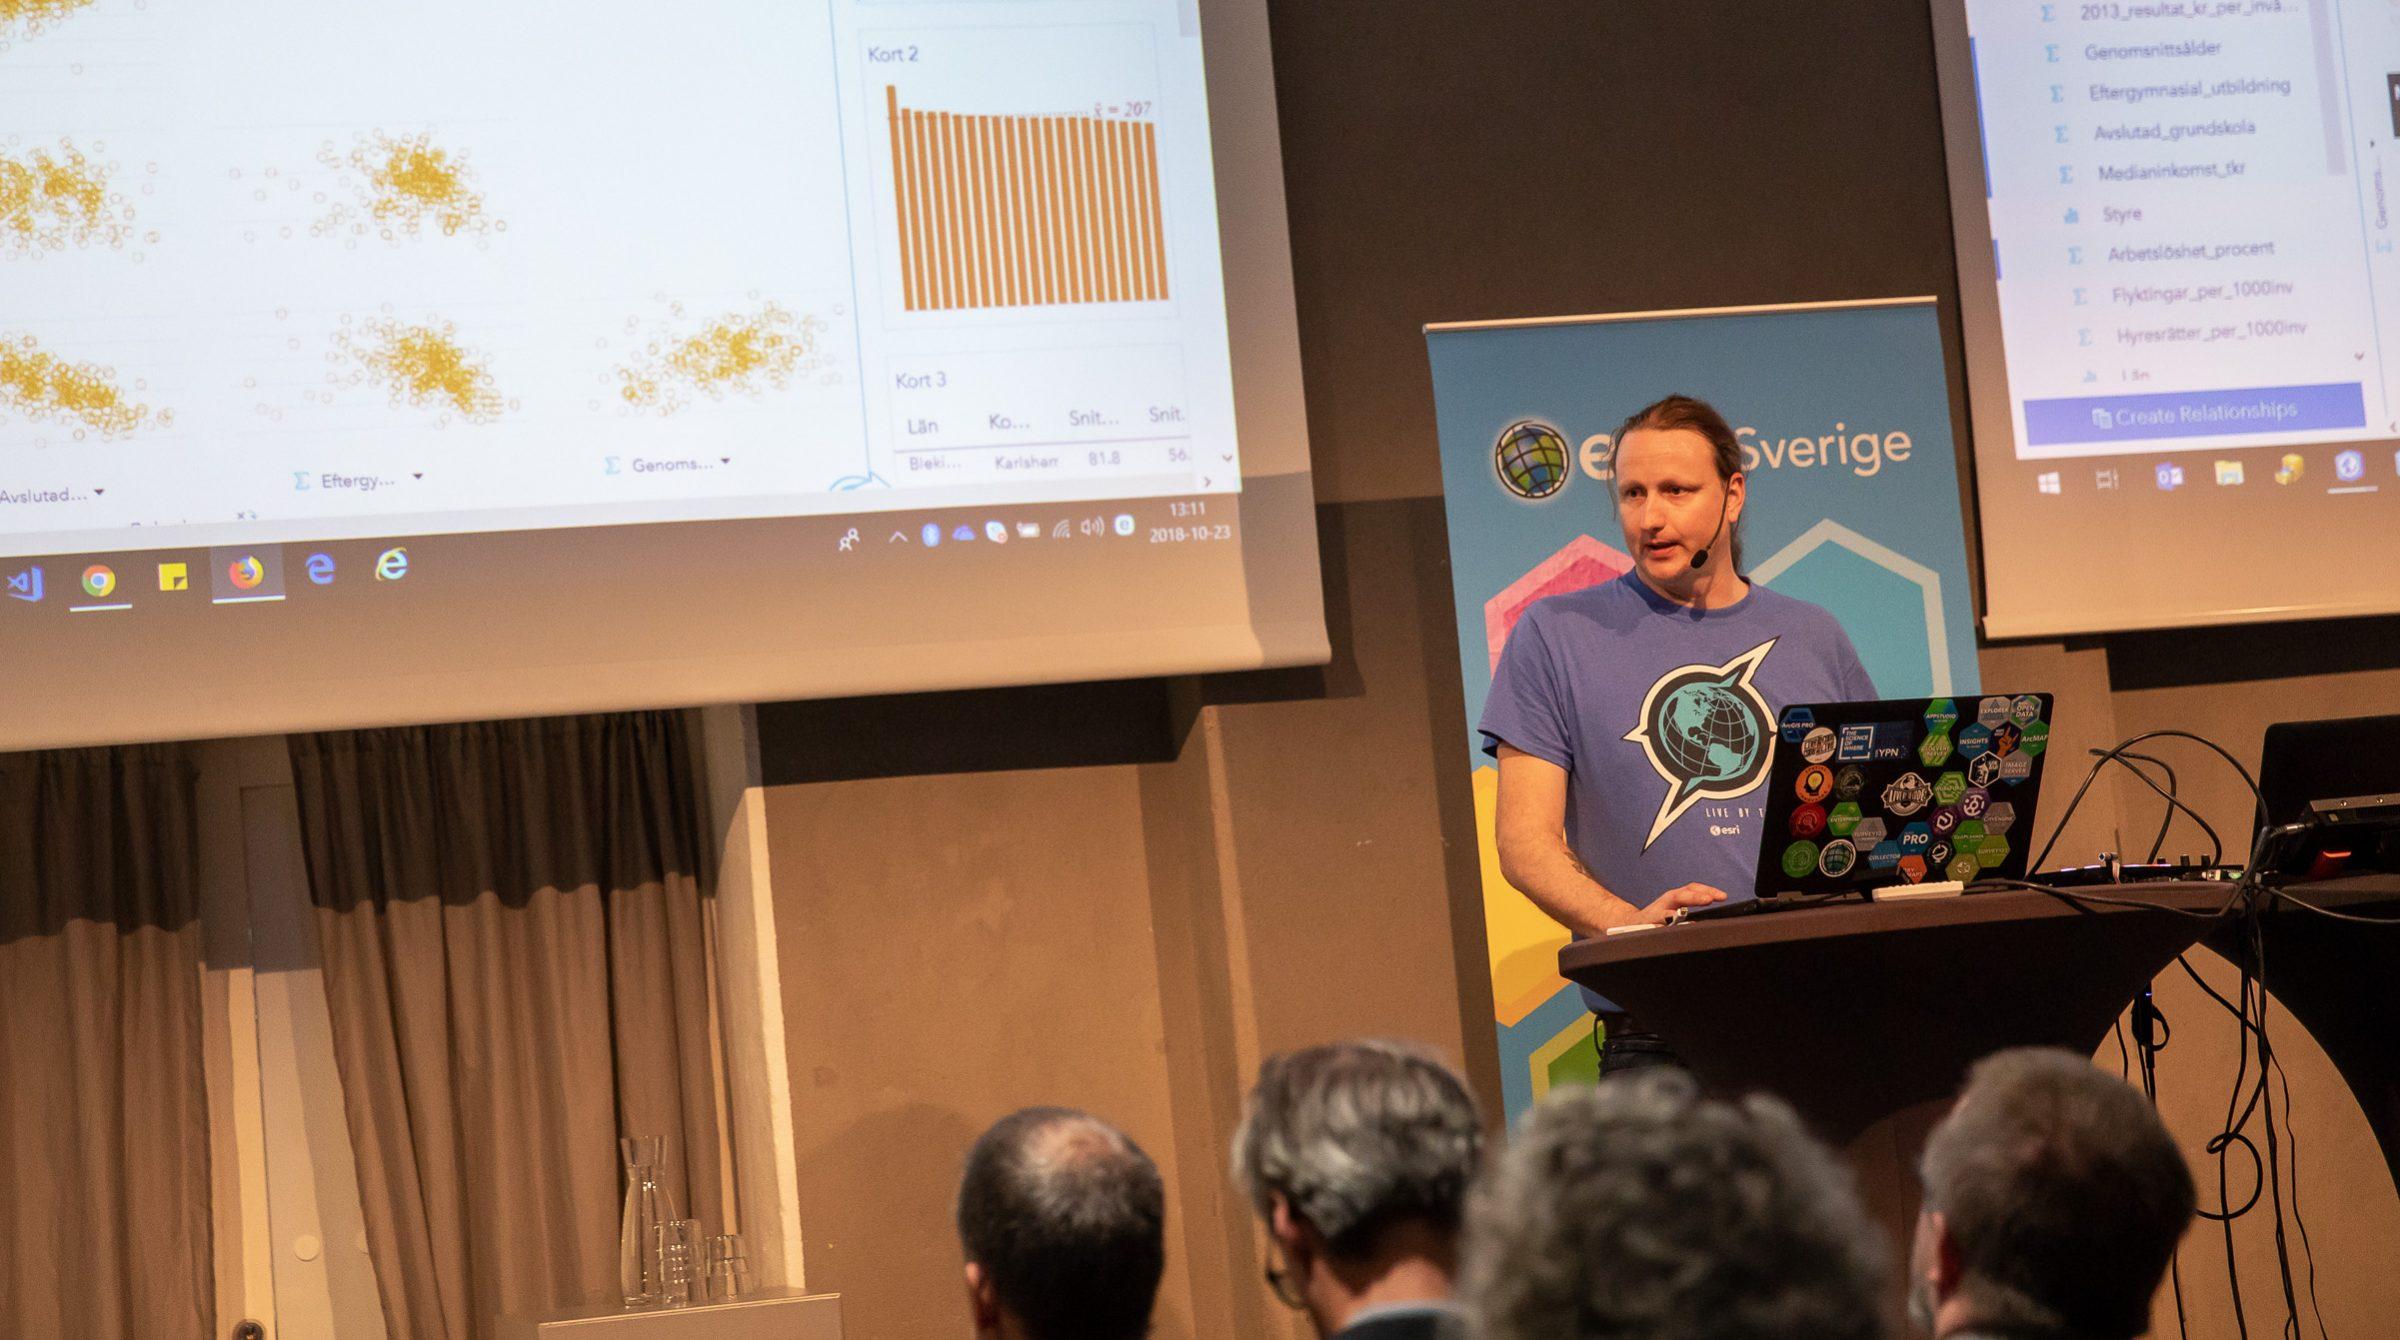 Erik Lassyms på ArcGIS Användardagar, Esri Sverige